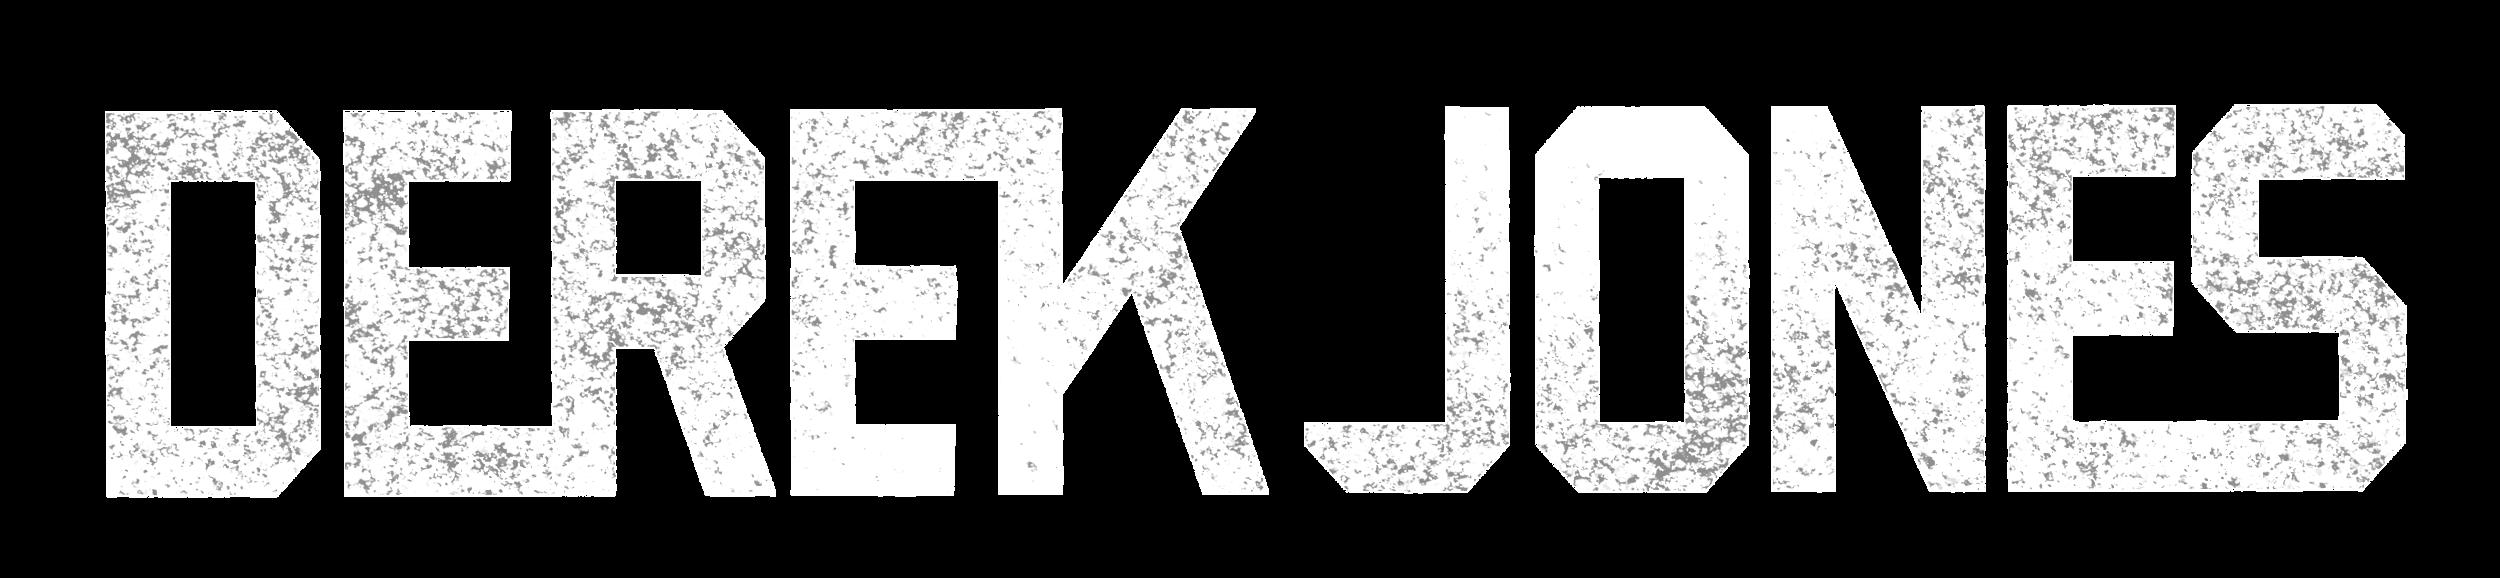 DJ-Logo WhiteNO GRIT.png